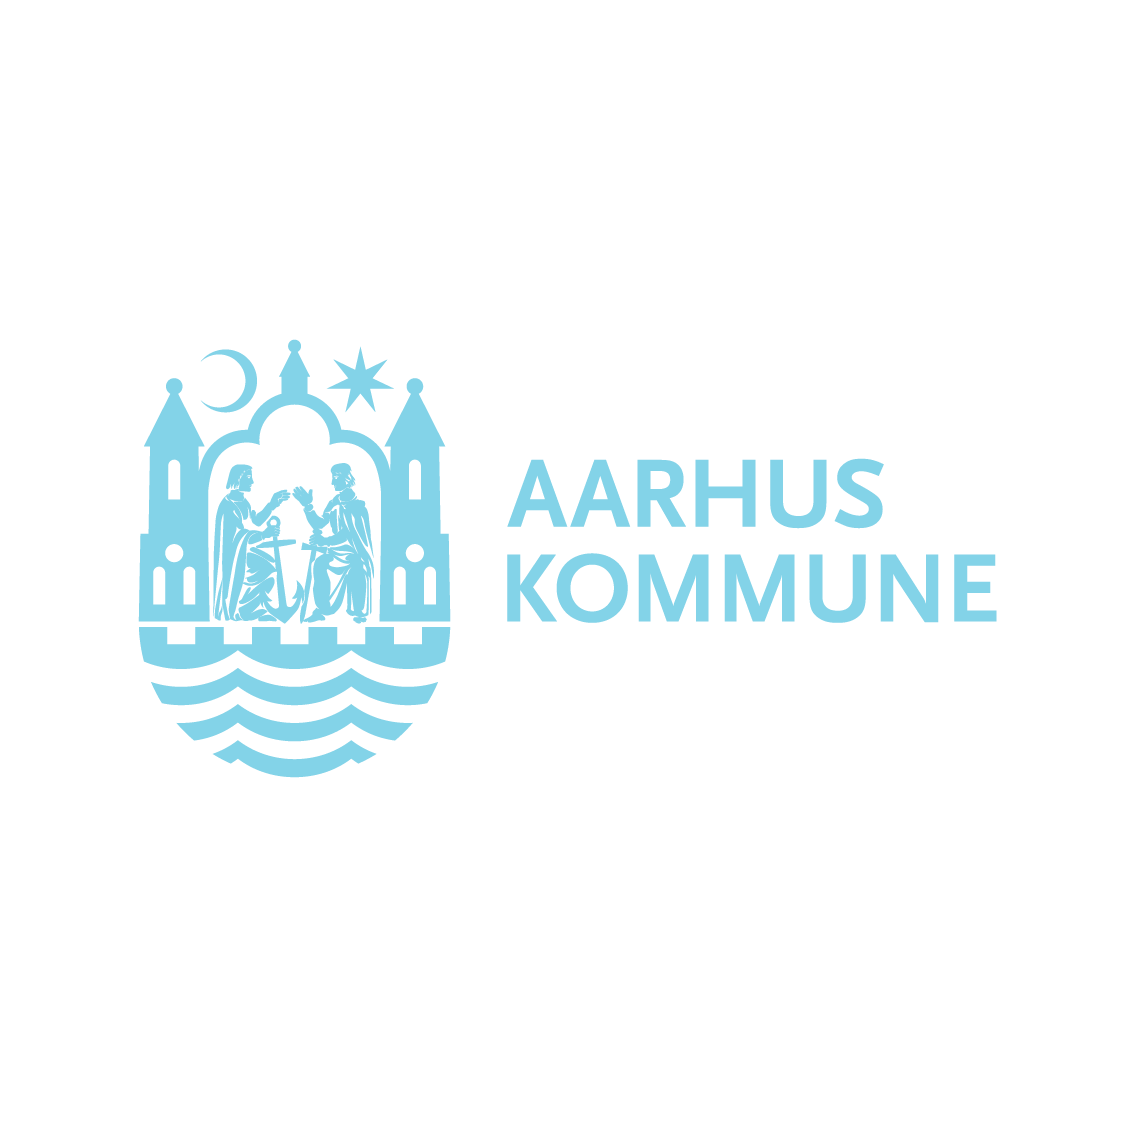 Aarhus Kommune logo - Abrella Byparaplyer